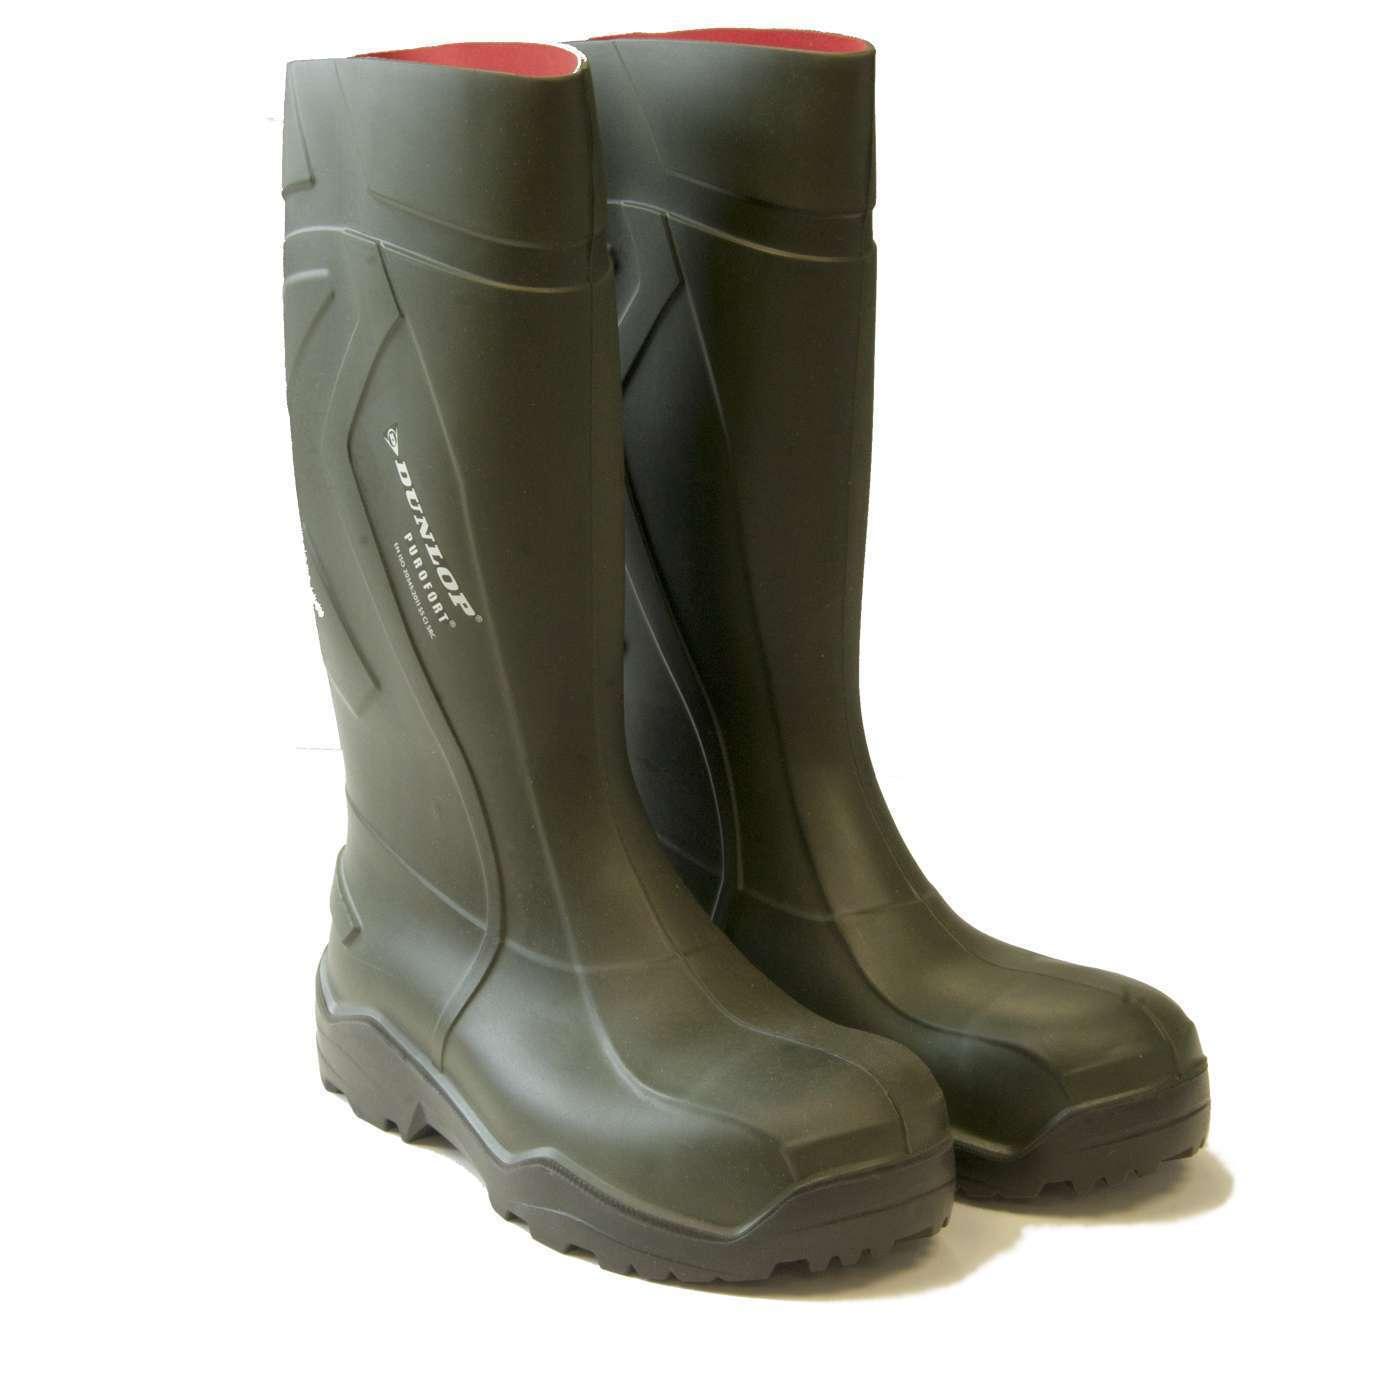 DUNLOP Purofort + Lavoro Stivali di Gomma-PERFETTO agricoltura Stivali